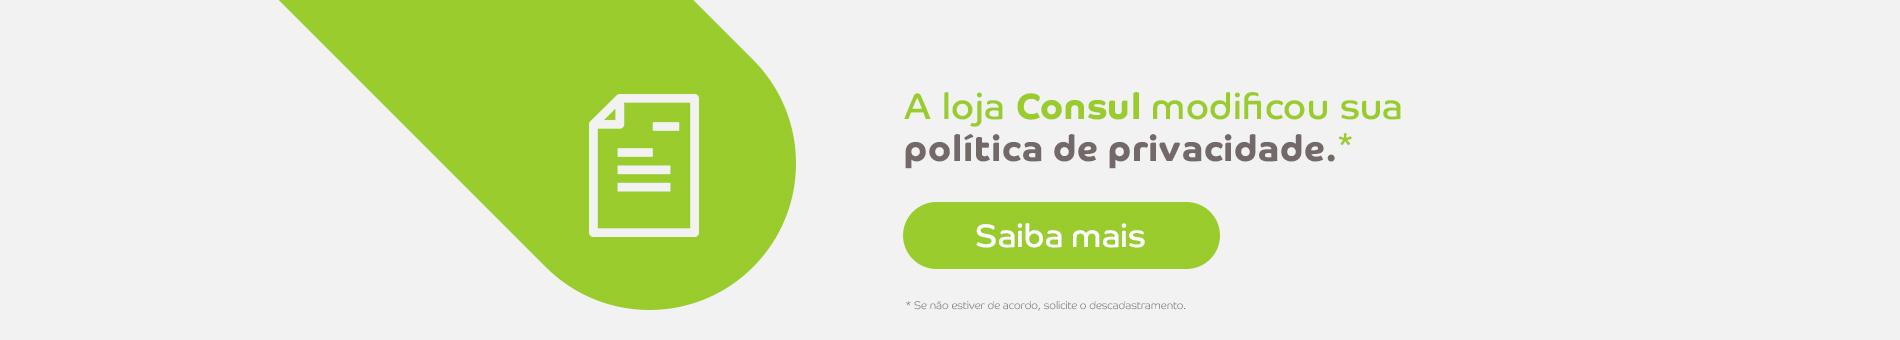 Promoção Interna - 2466 - consul_politicaprivacidade_2052018_home8 - politicaprivacidade - 8